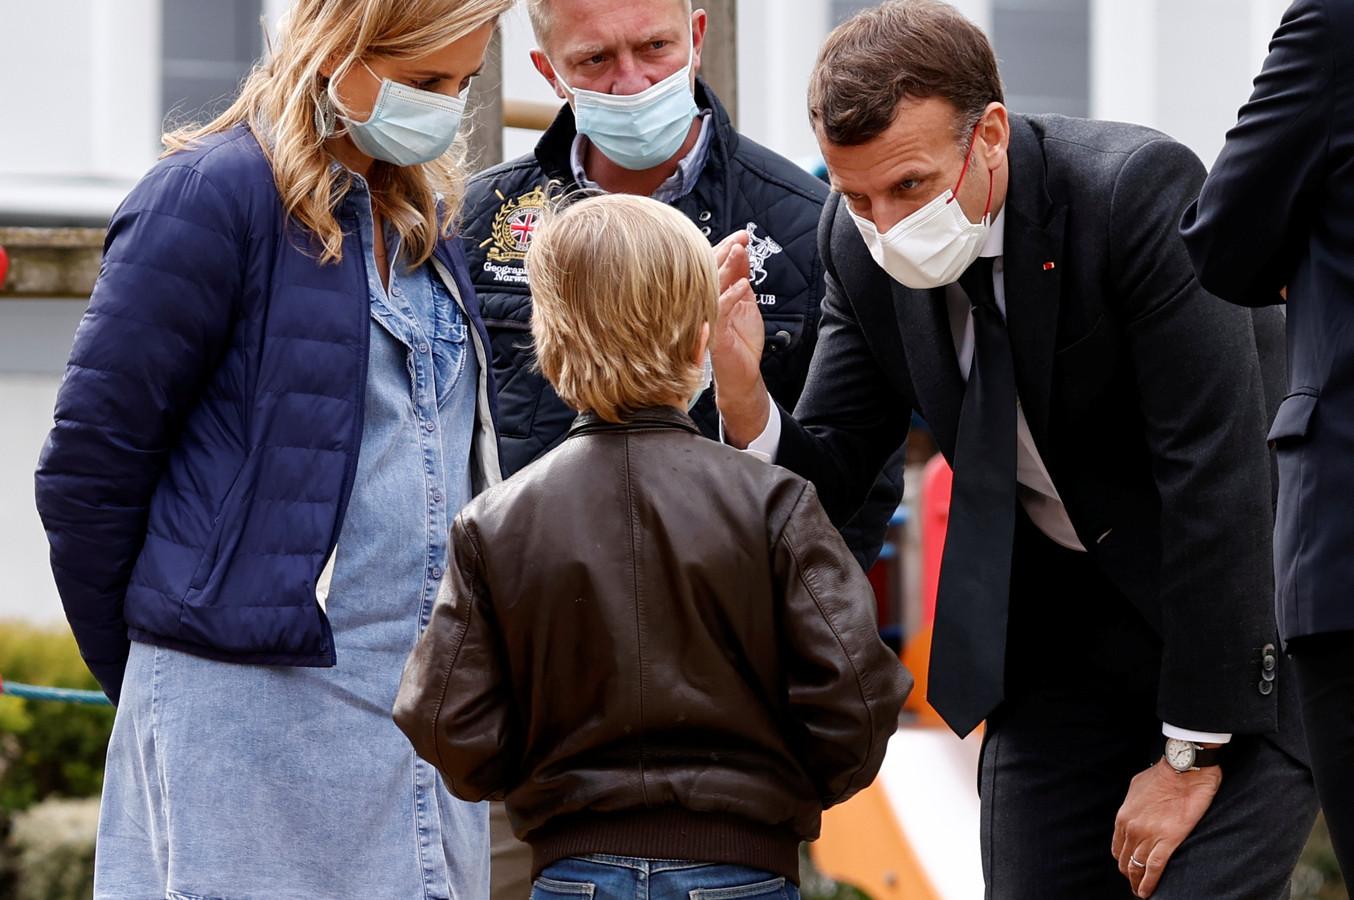 President Emmanuel Macron (rechts) praat met een kind tijdens zijn bezoek aan de psychiatrische afdeling van een ziekenhuis in Reims.